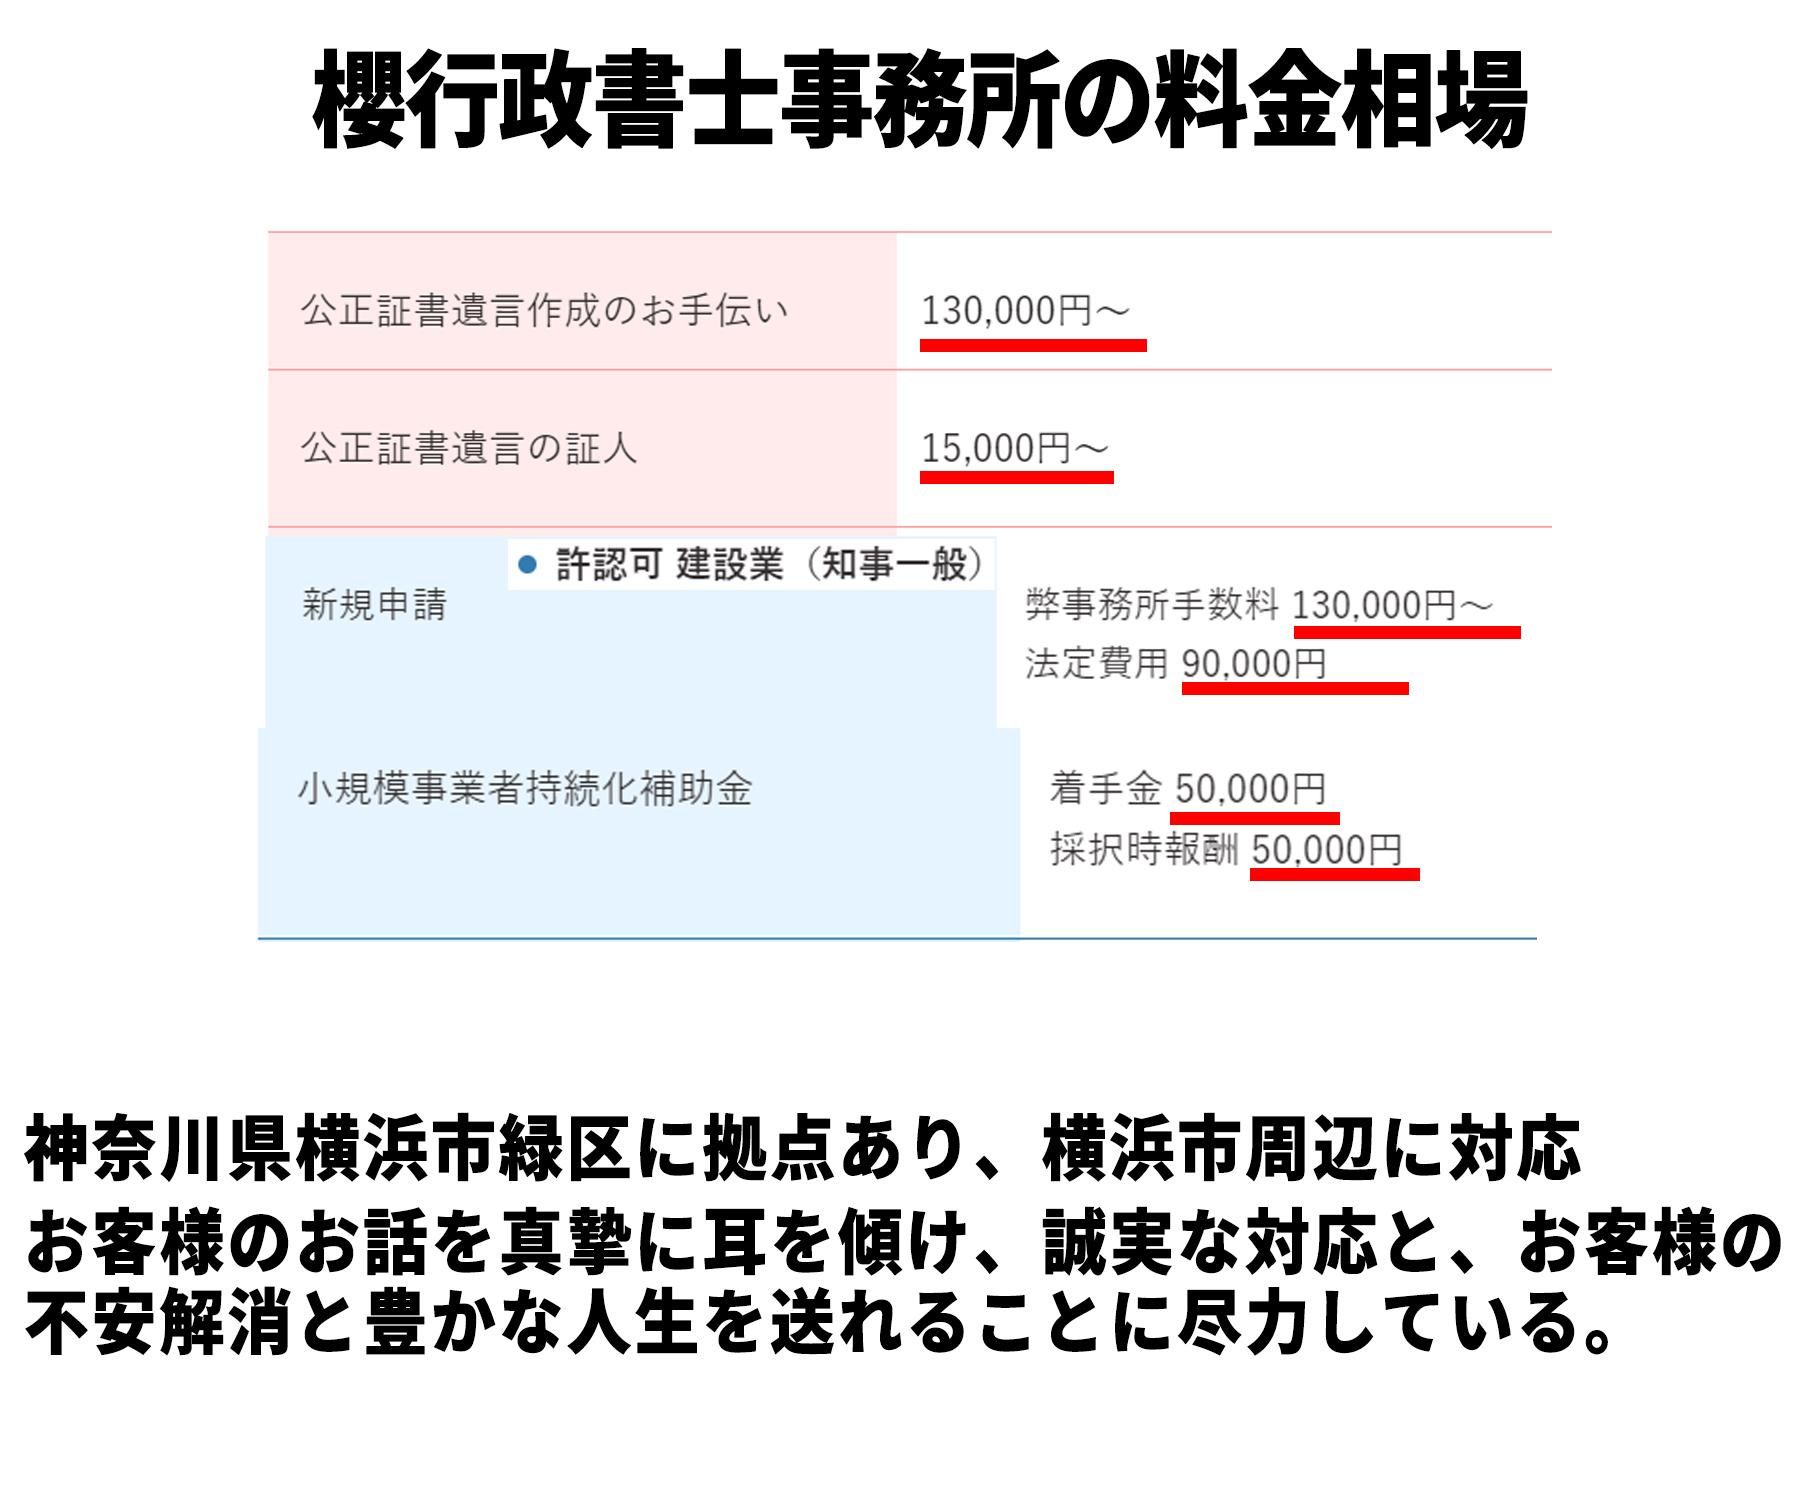 櫻行政書士事務所の料金相場